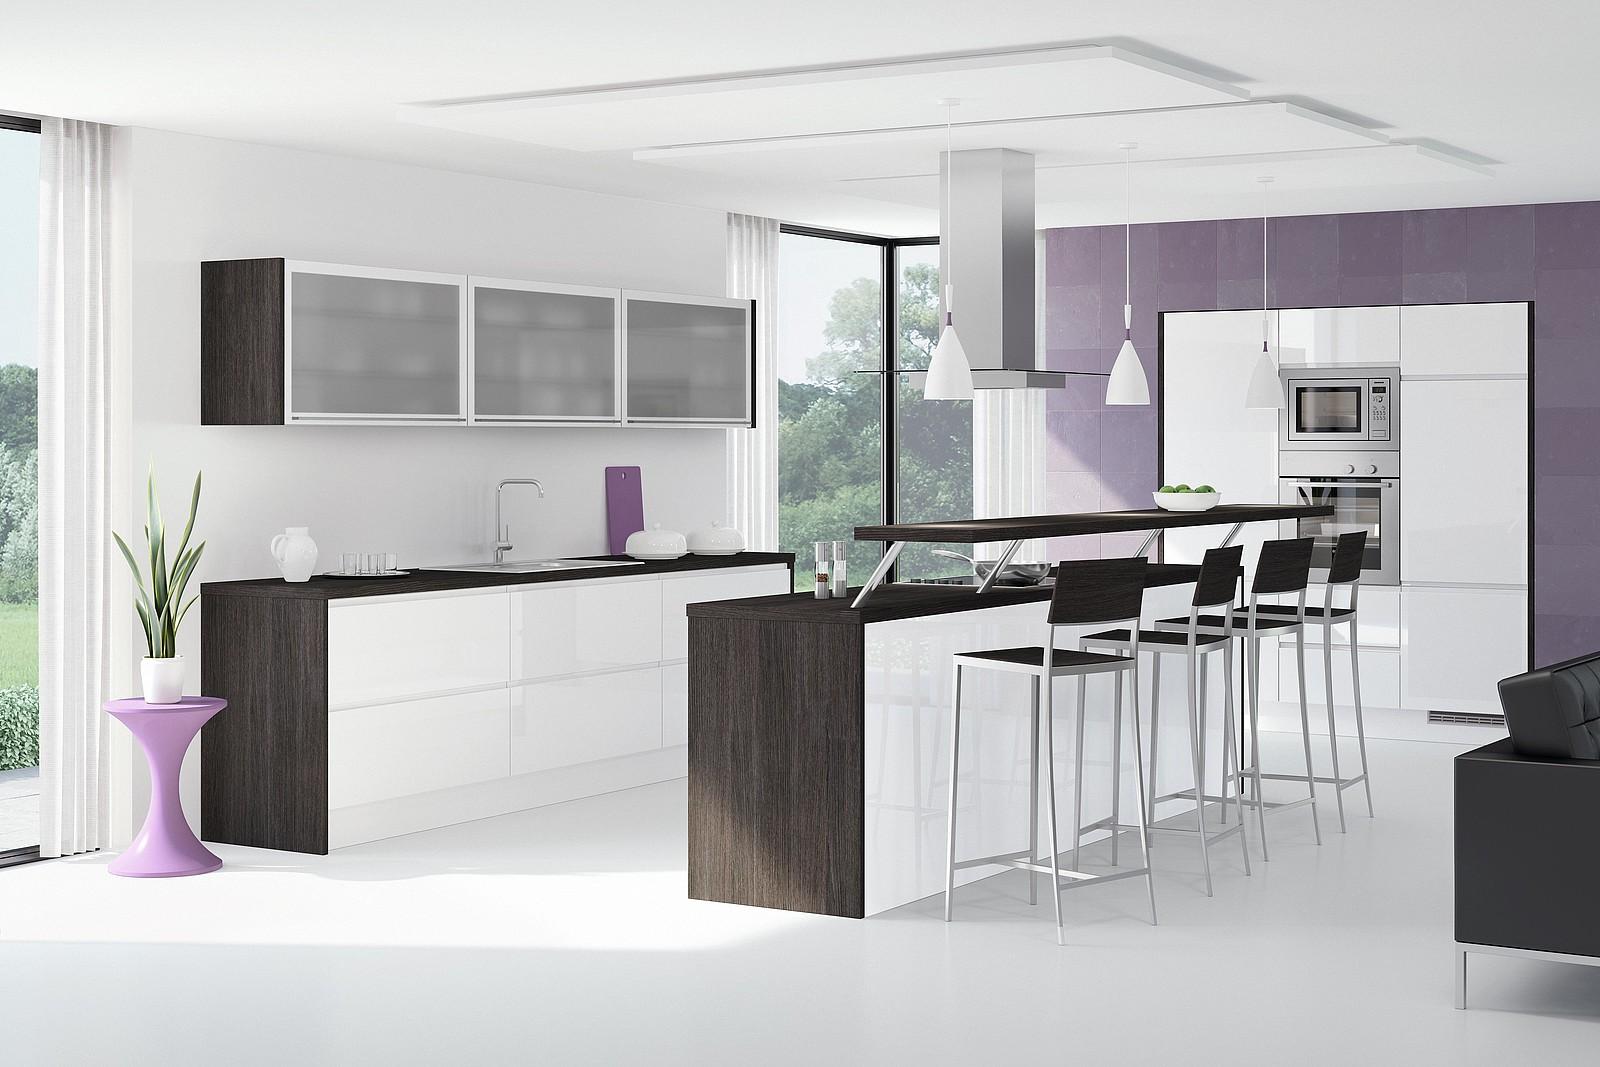 Full Size of Küchentheke Kchentheke Diese Varianten Sind Machbar Wohnzimmer Küchentheke